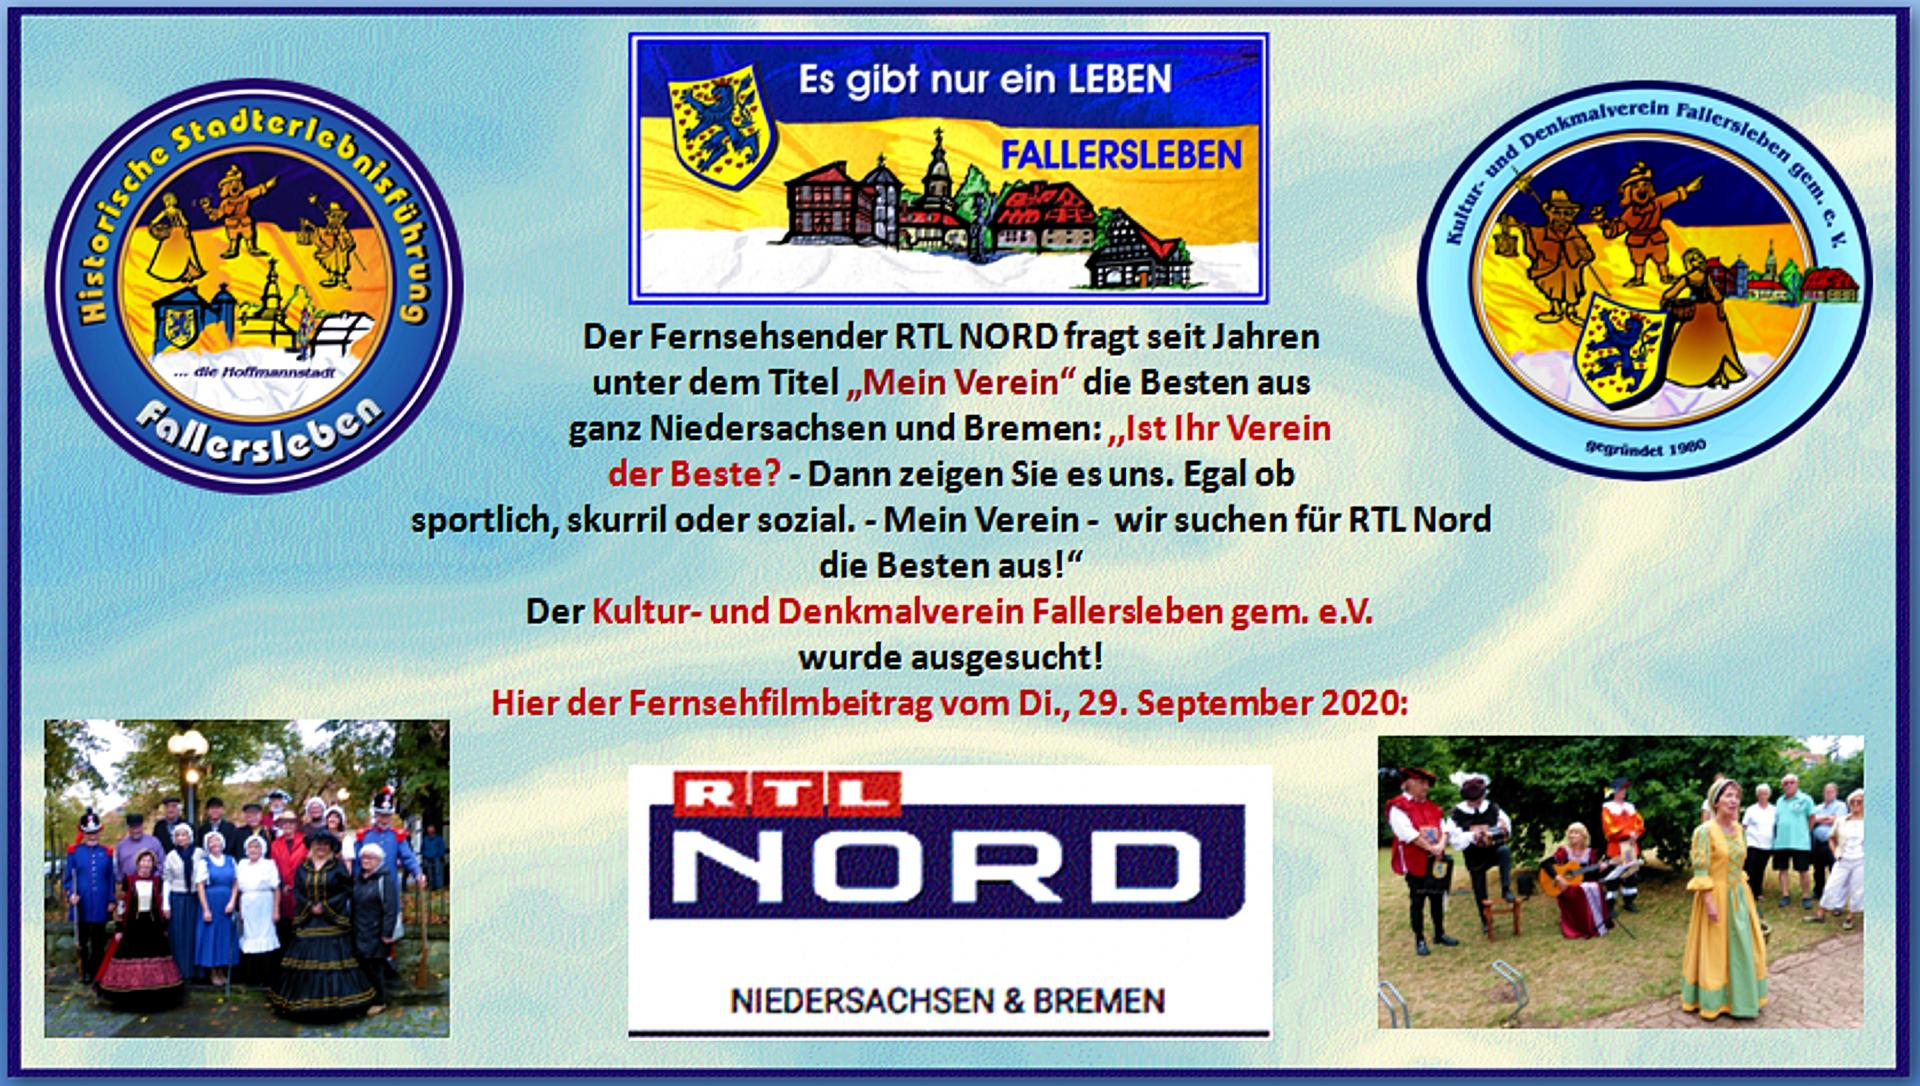 Bild Film RTL-NORD